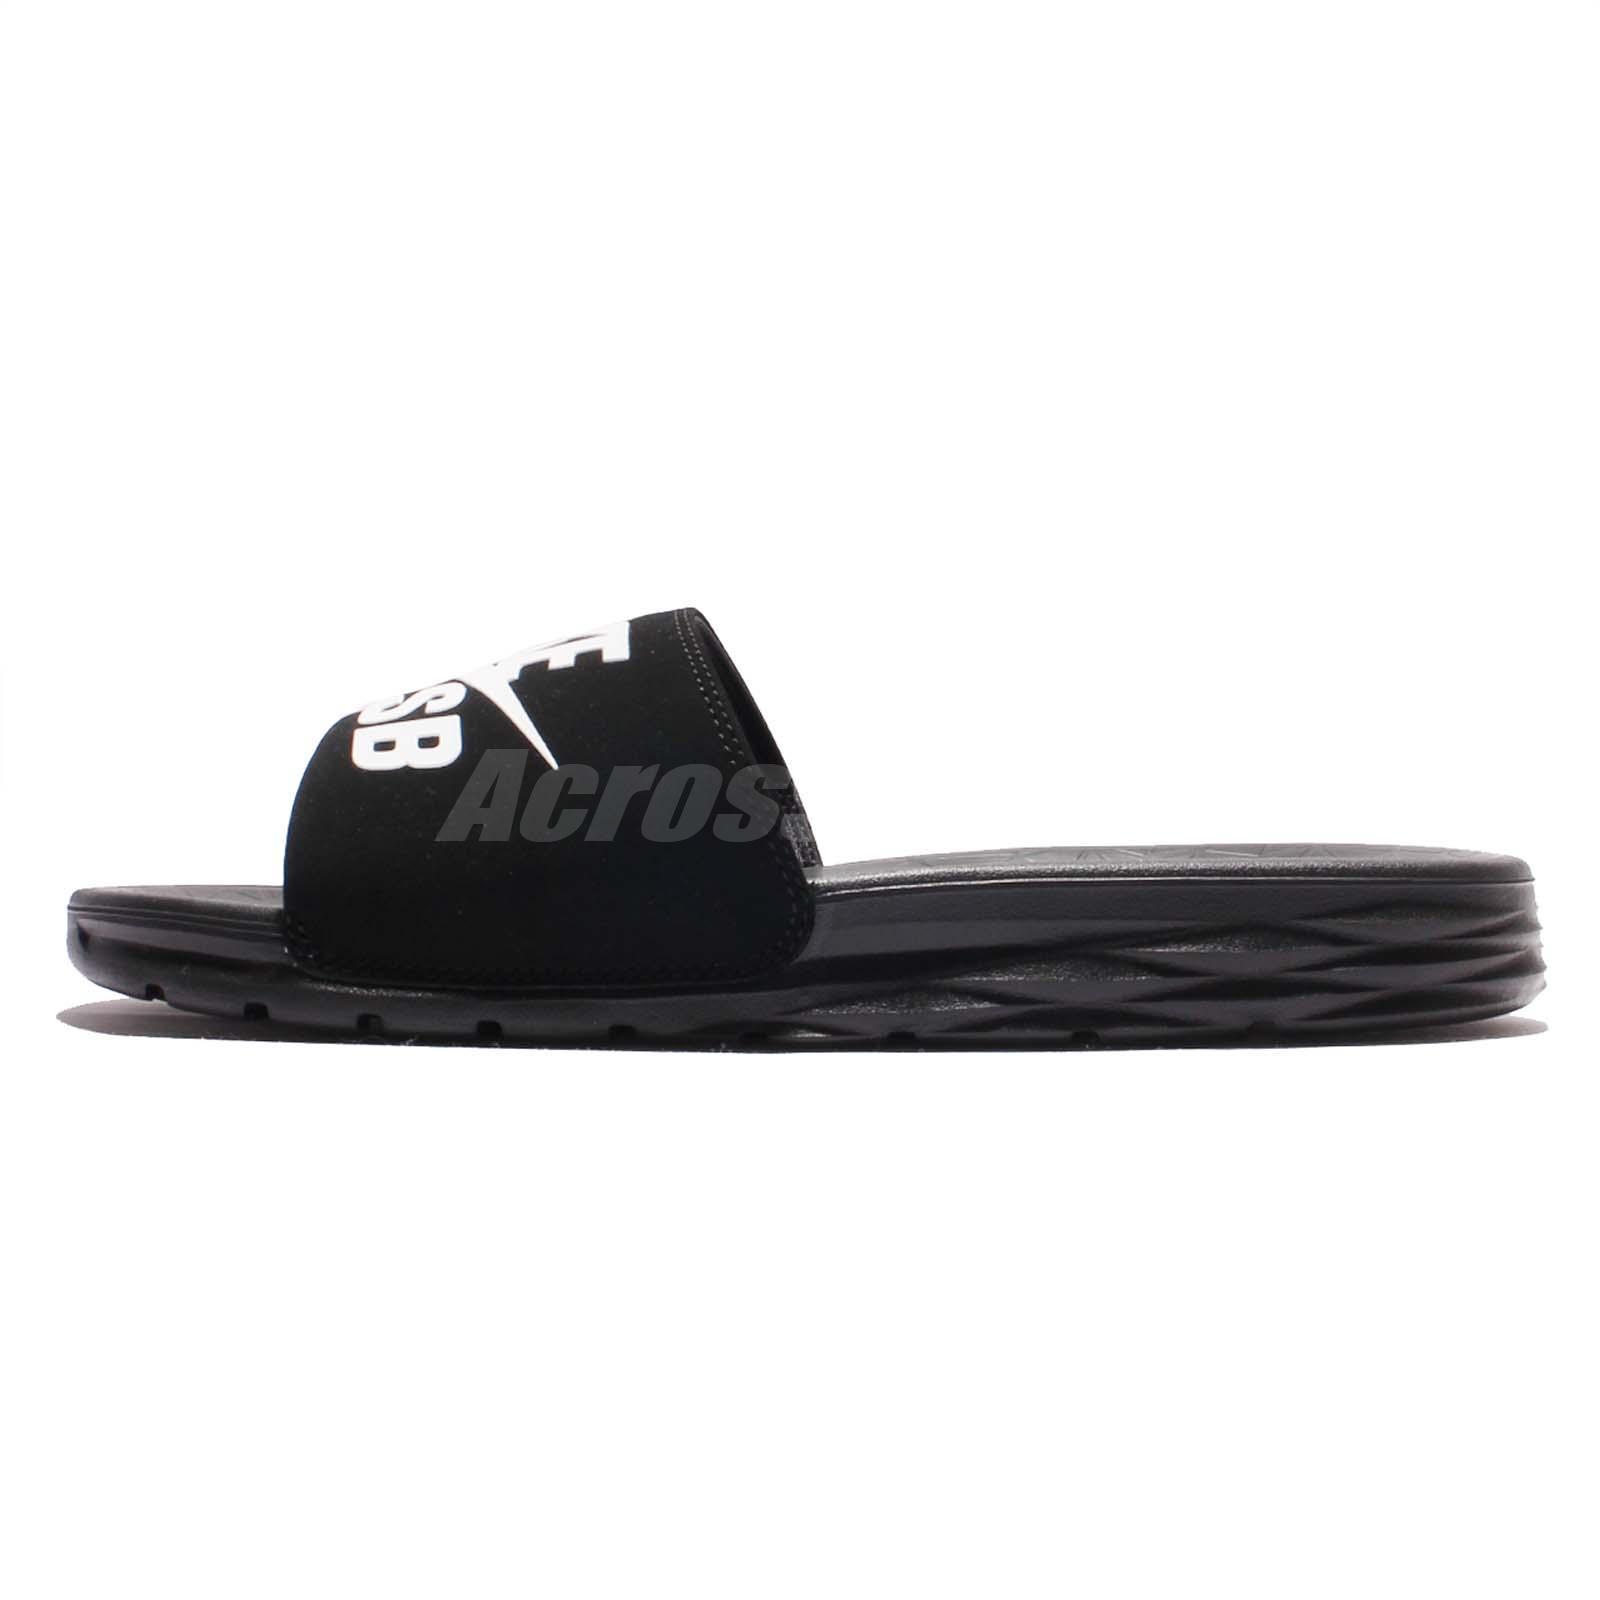 huge selection of 3bc88 0f65f ... Nike Benassi Solarsoft SB Black White Men Skateboarding Sandal Slides  840067-001 well known cdeab  NIKE AIR ...